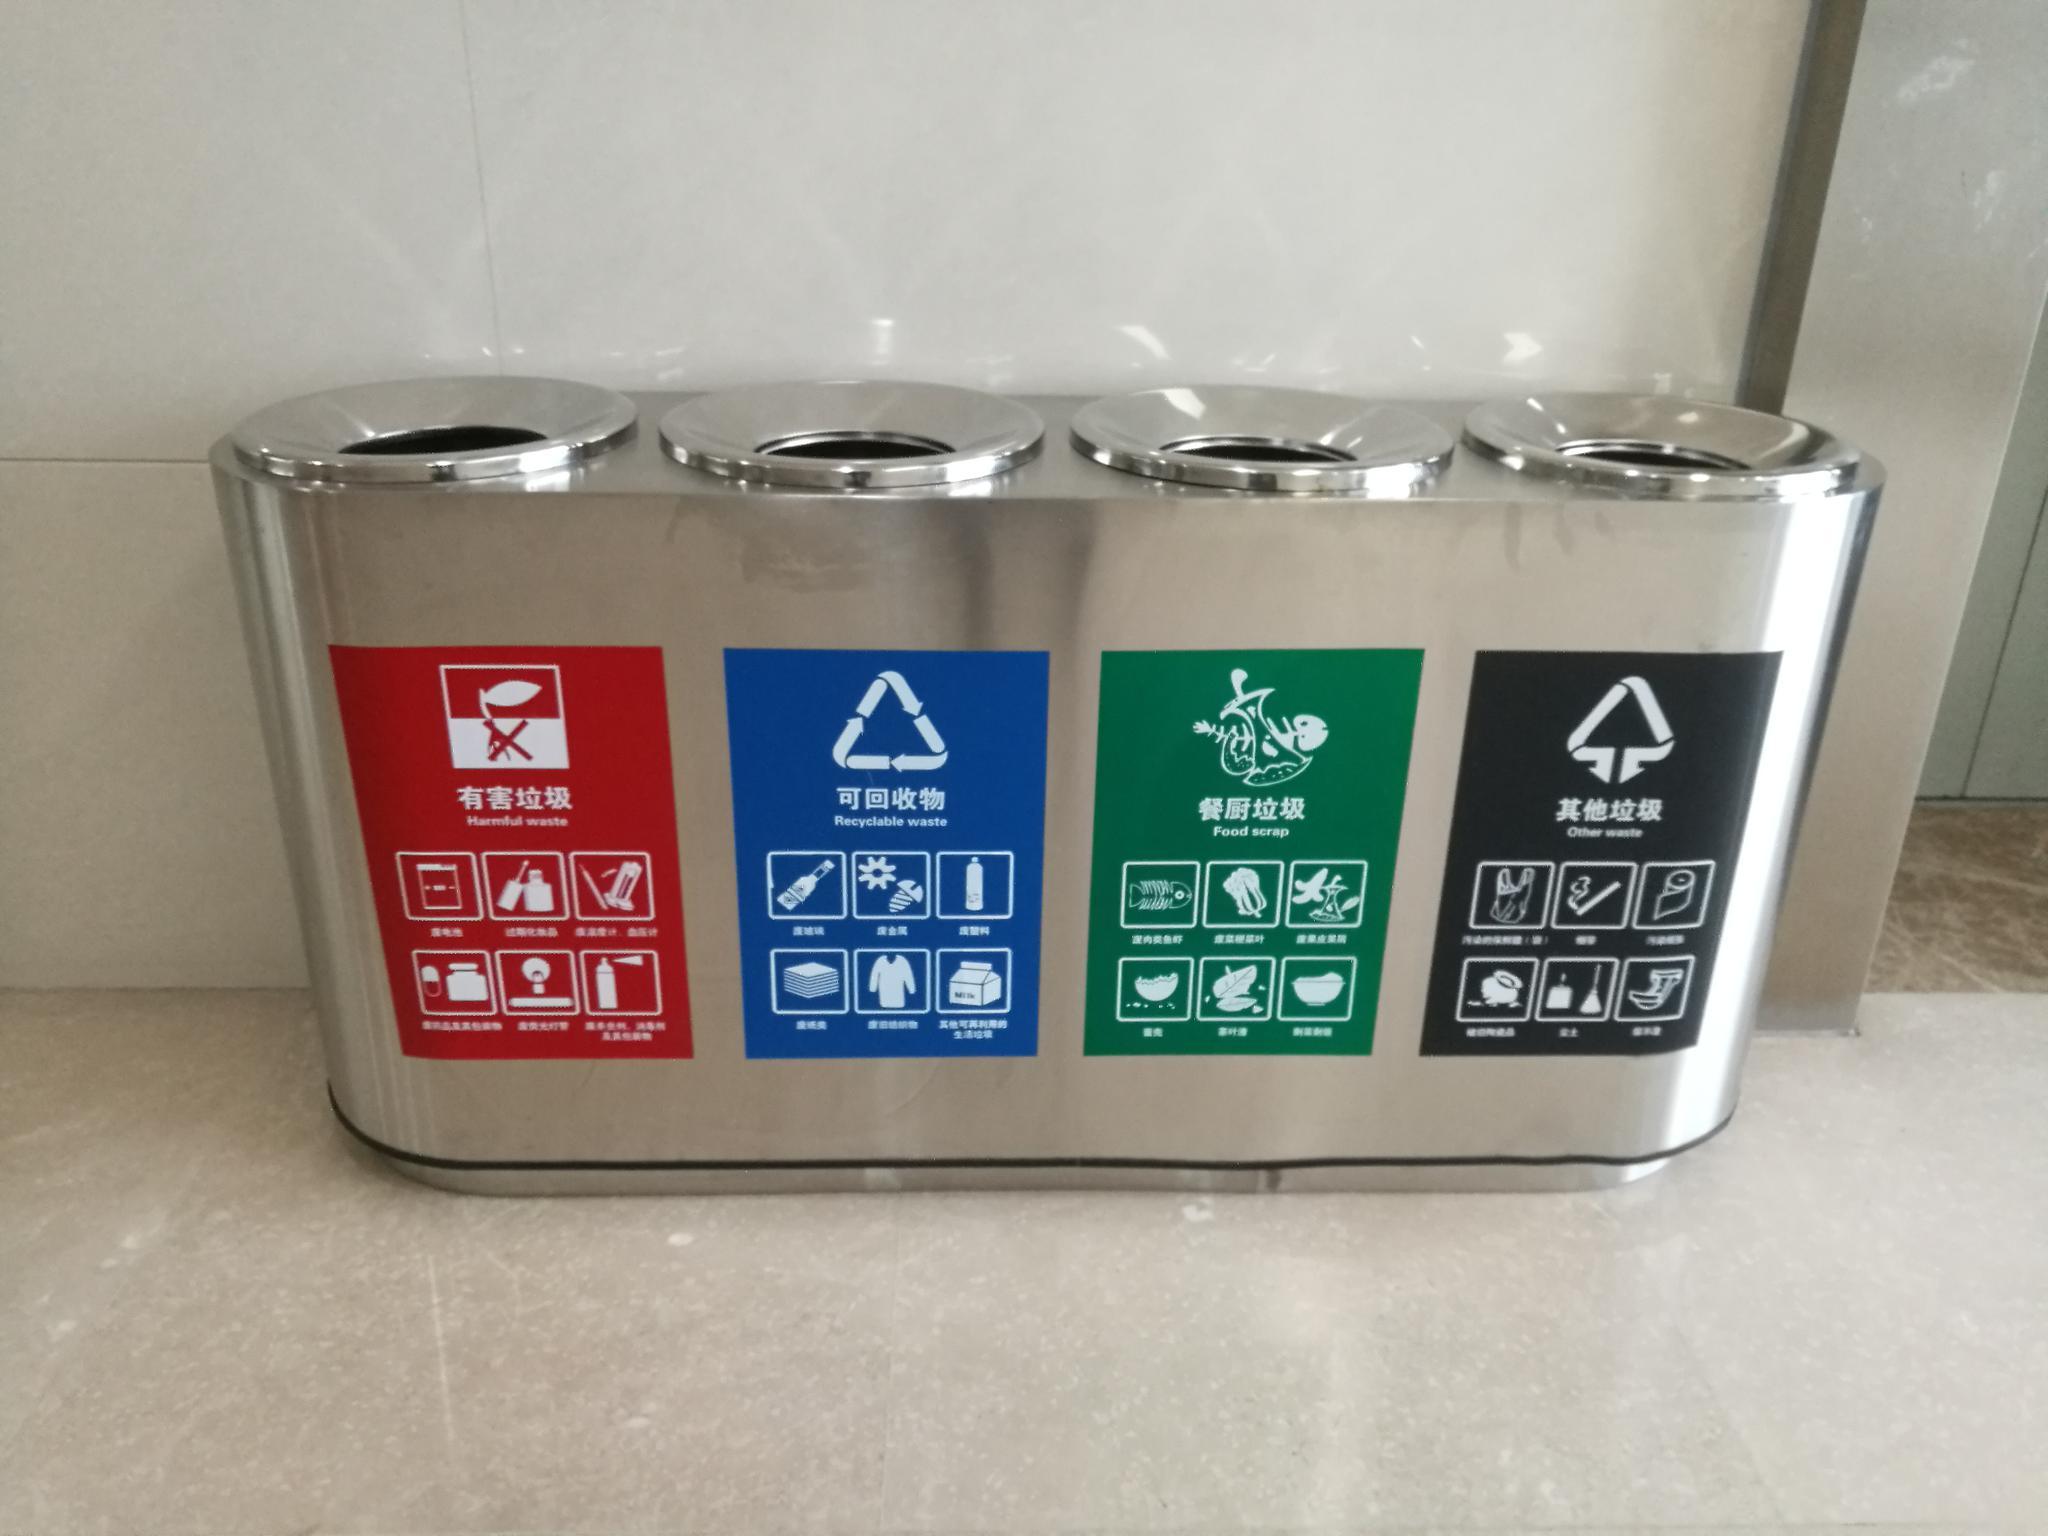 生态环境部:明年1月1日起我国禁止以任何方式进口固体废物